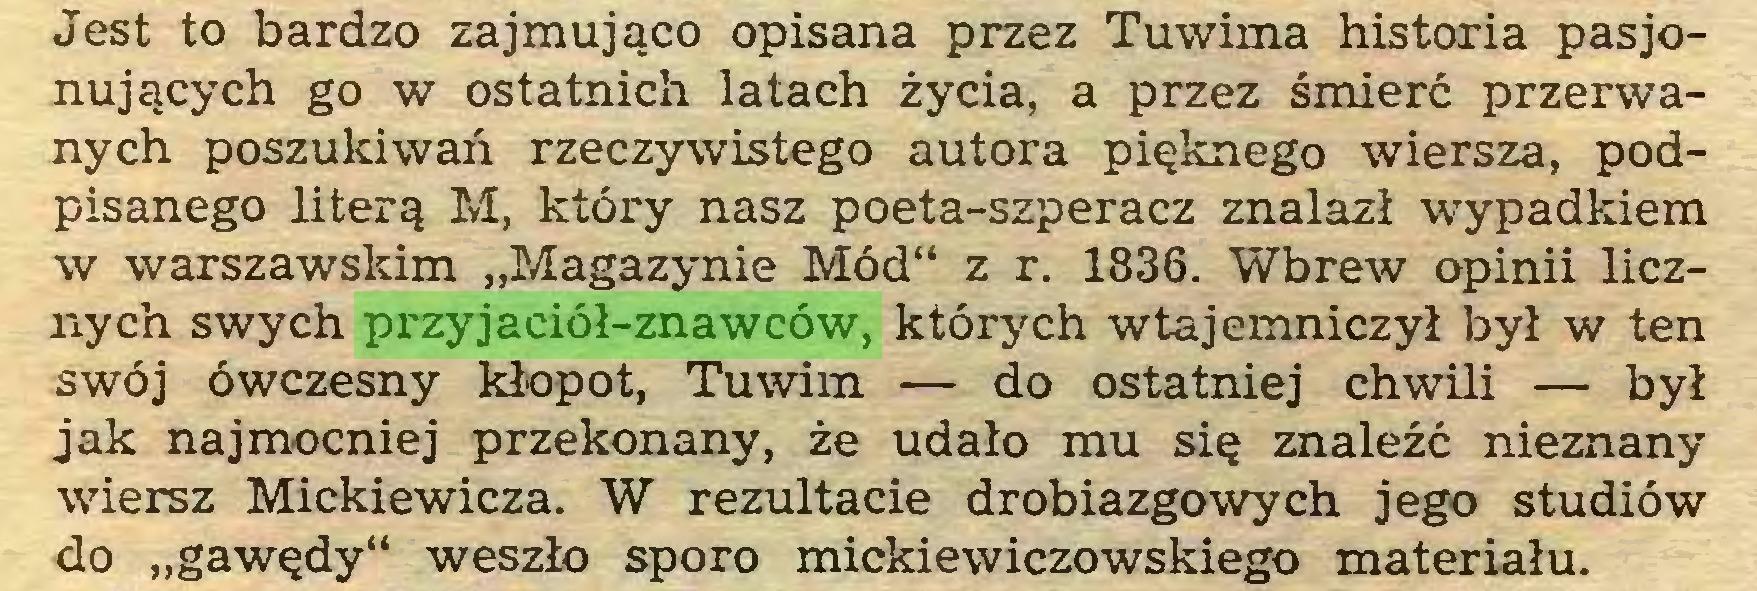 """(...) Jest to bardzo zajmująco opisana przez Tuwima historia pasjonujących go w ostatnich latach życia, a przez śmierć przerwanych poszukiwań rzeczywistego autora pięknego wiersza, podpisanego literą M, który nasz poeta-szperacz znalazł wypadkiem w warszawskim """"Magazynie Mód"""" z r. 1836. Wbrew opinii licznych swych przyjaciół-znawców, których wtajemniczył był w ten swój ówczesny kłopot, Tuwim — do ostatniej chwili — był jak najmocniej przekonany, że udało mu się znaleźć nieznany wiersz Mickiewicza. W rezultacie drobiazgowych jego studiów do """"gawędy"""" weszło sporo mickiewiczowskiego materiału..."""